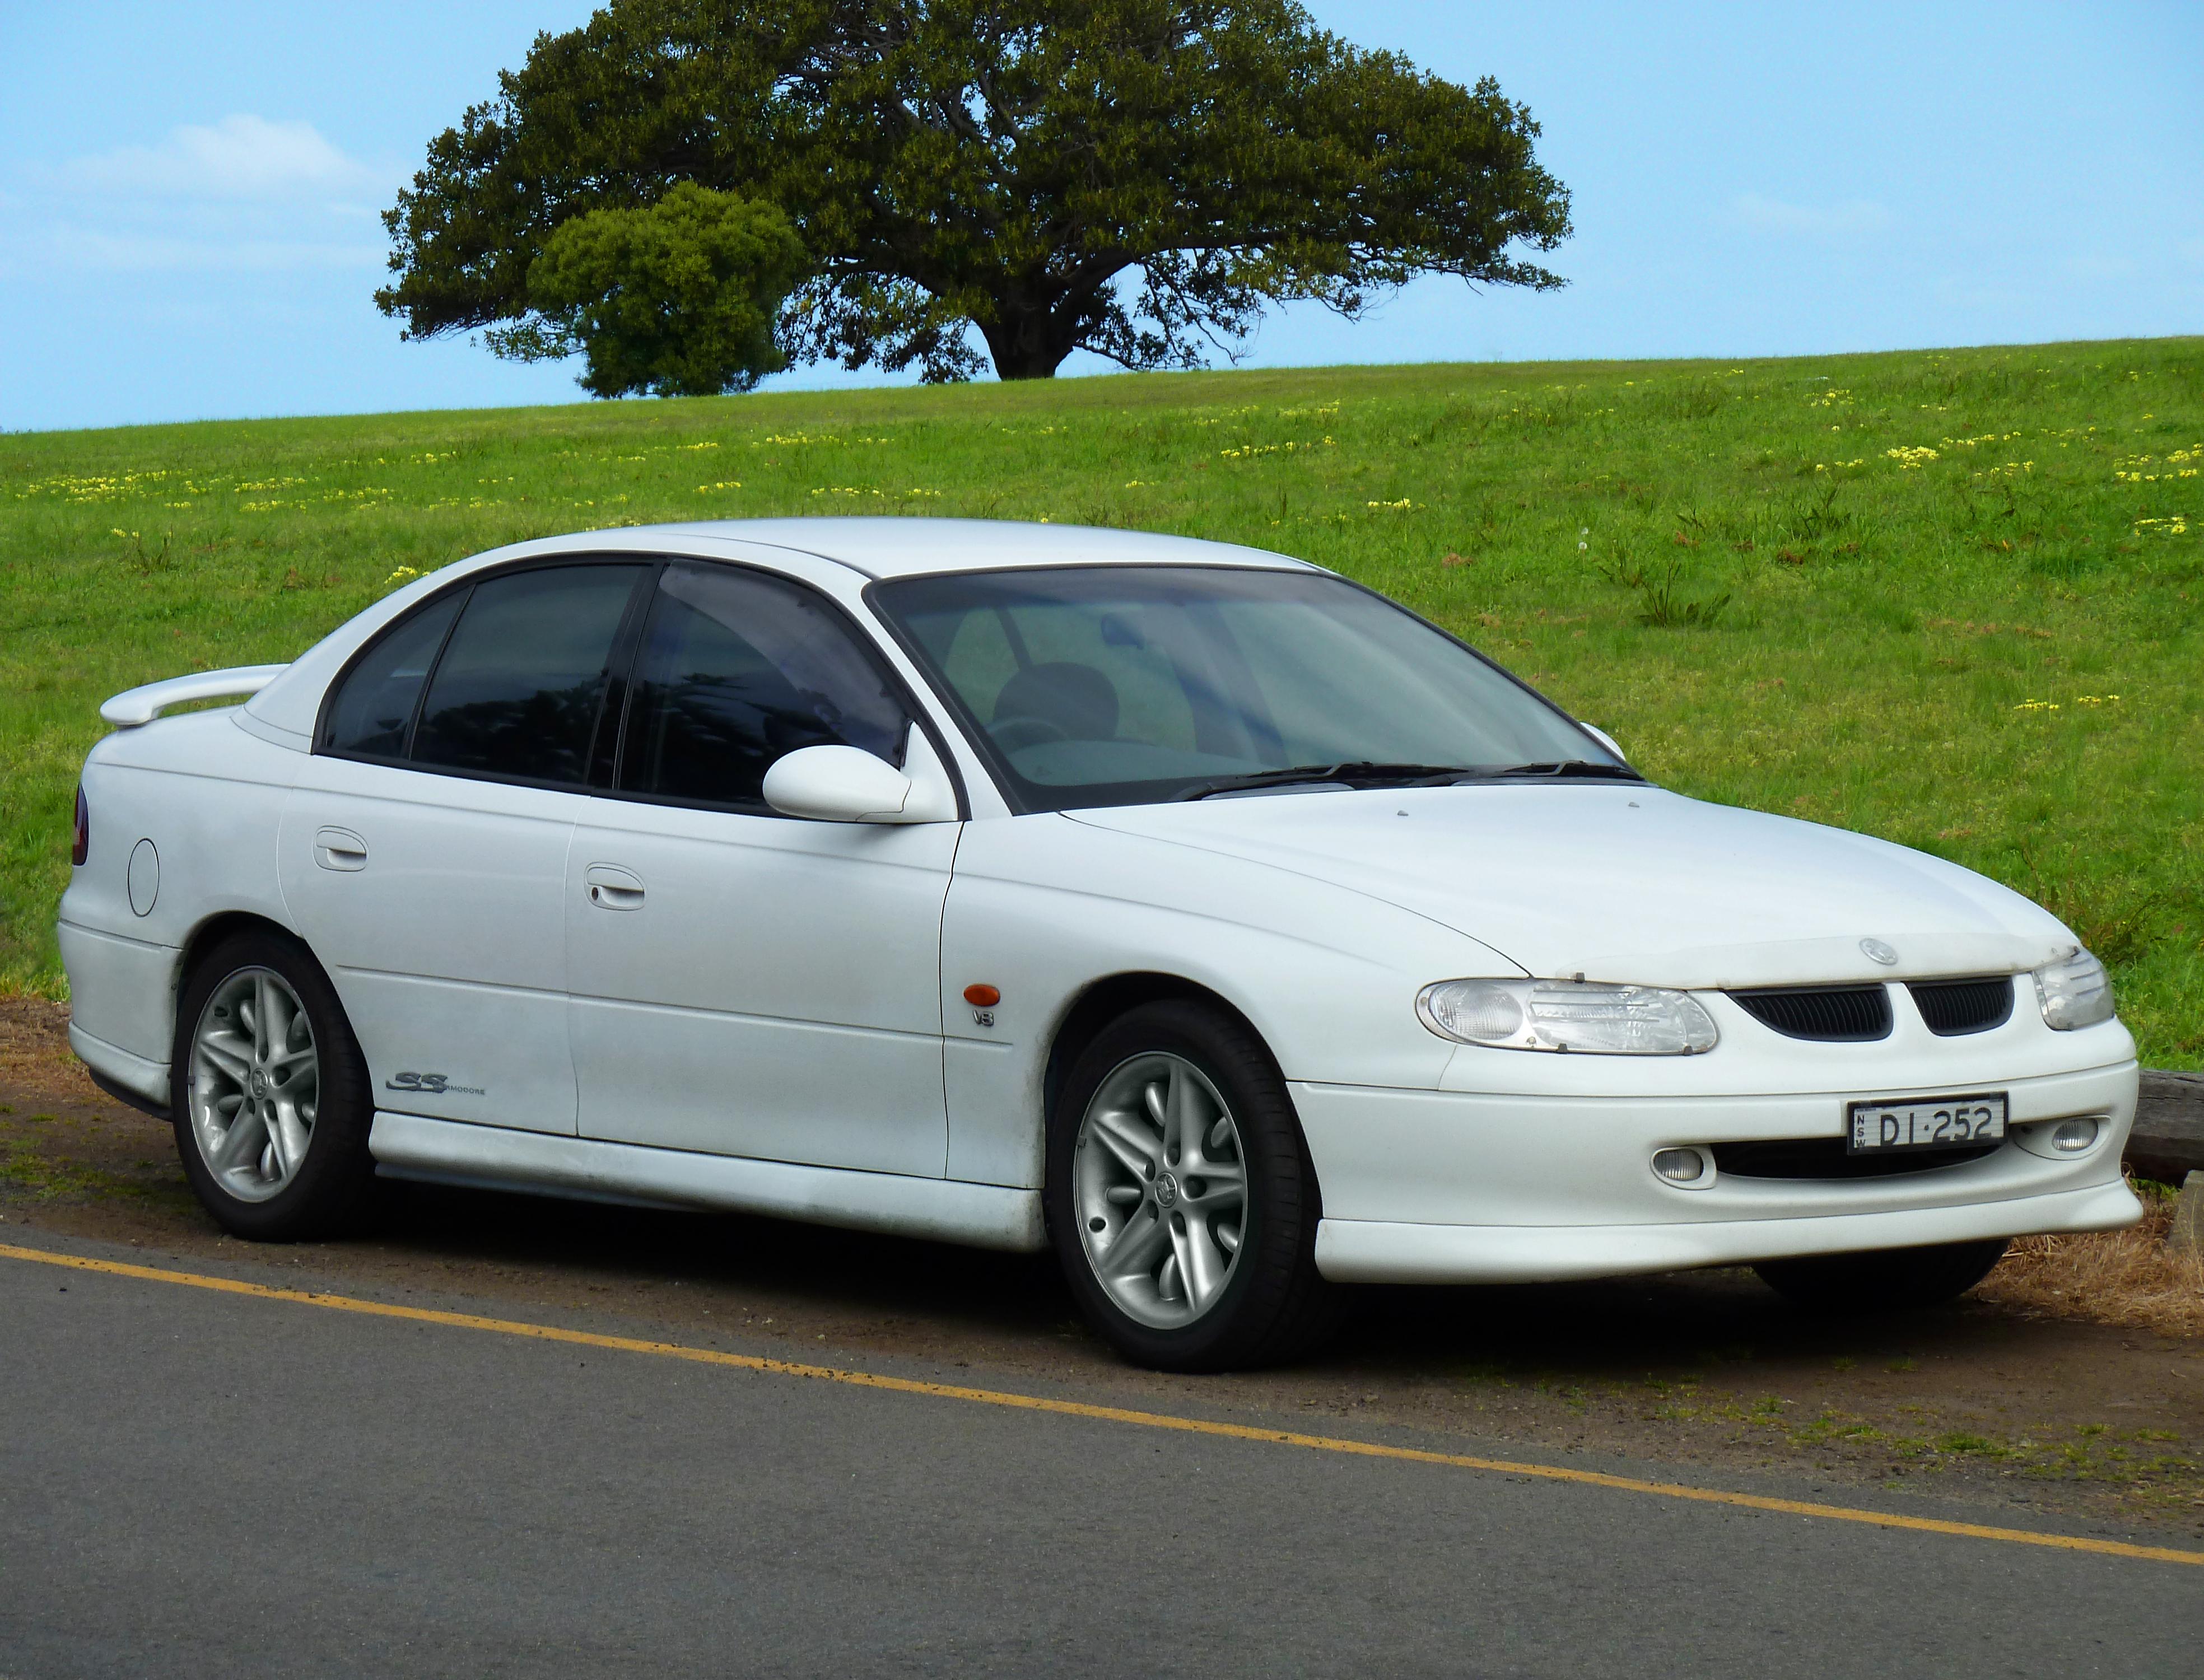 Holden Commodore (VT) - Wikipedia